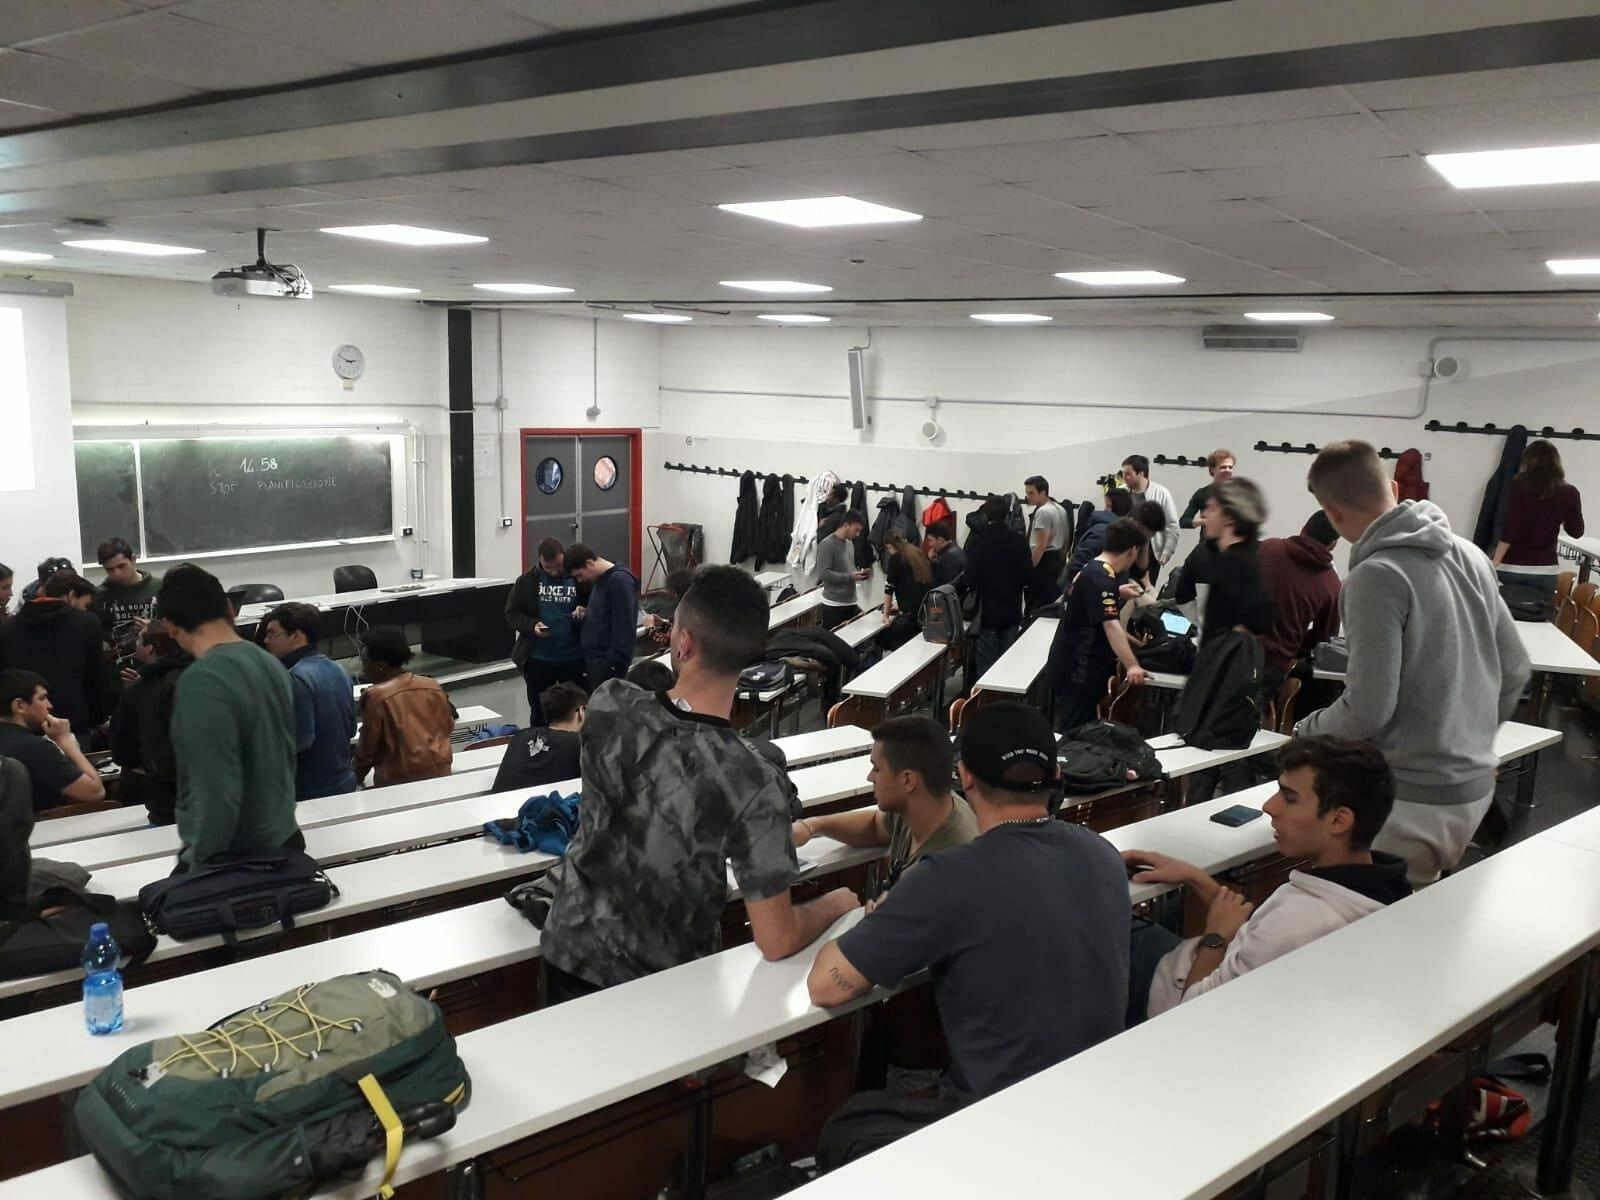 Tesi Università Smart Rogaining